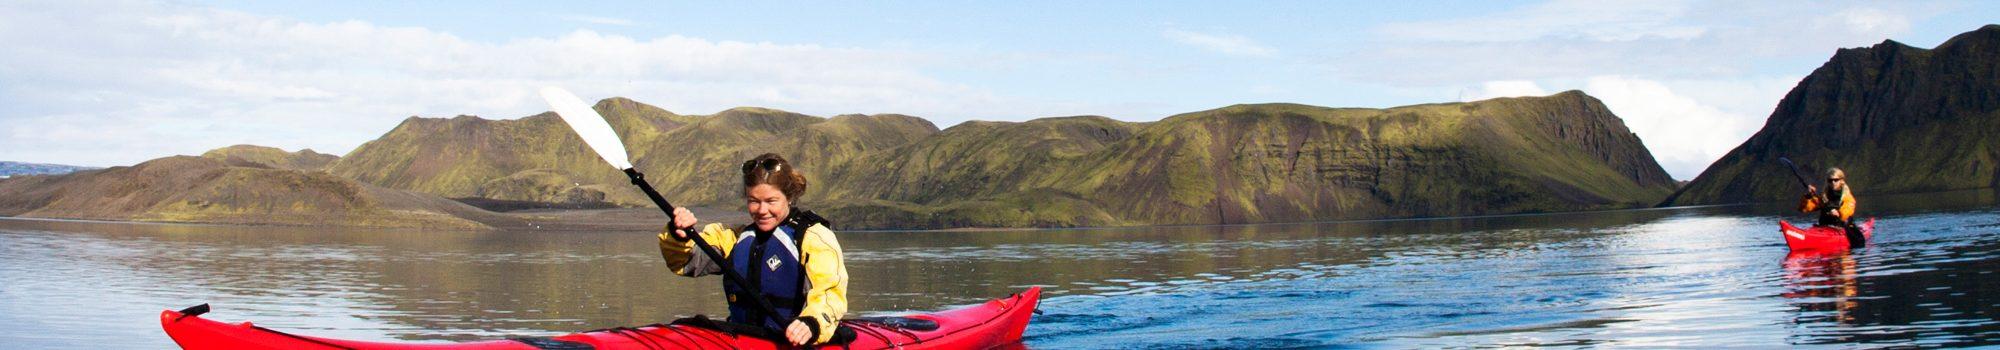 Kayaking-tour-Iceland-adventure